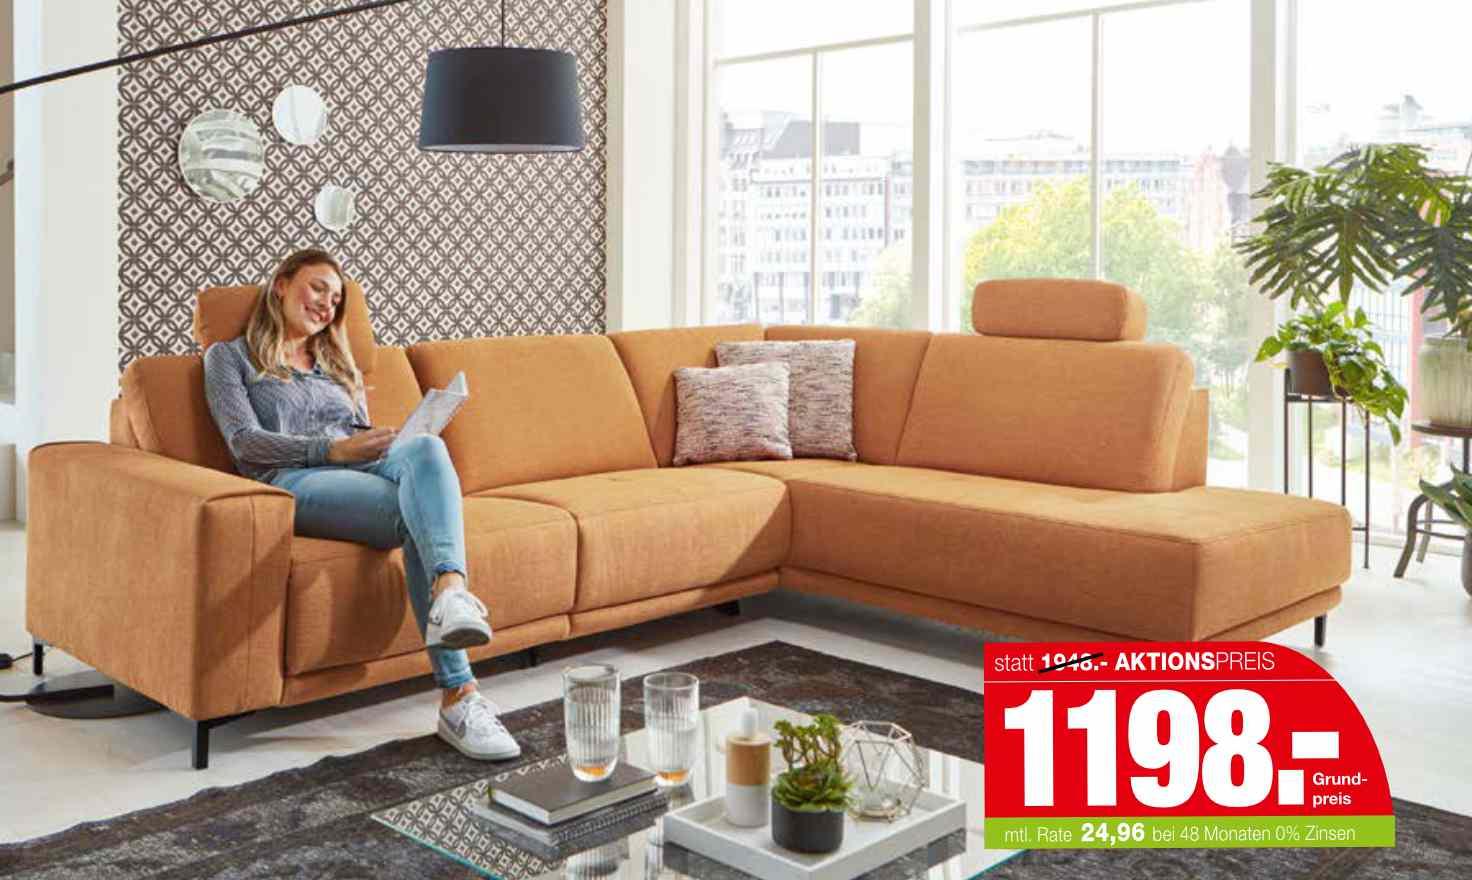 Full Size of Big Sofa Roller Und Couch Zum Besten Preis Kaufen Company In Paderborn Baxter Weiß Grau Walter Knoll Stoff Togo Rolf Benz Kolonialstil L Mit Schlaffunktion Wohnzimmer Big Sofa Roller